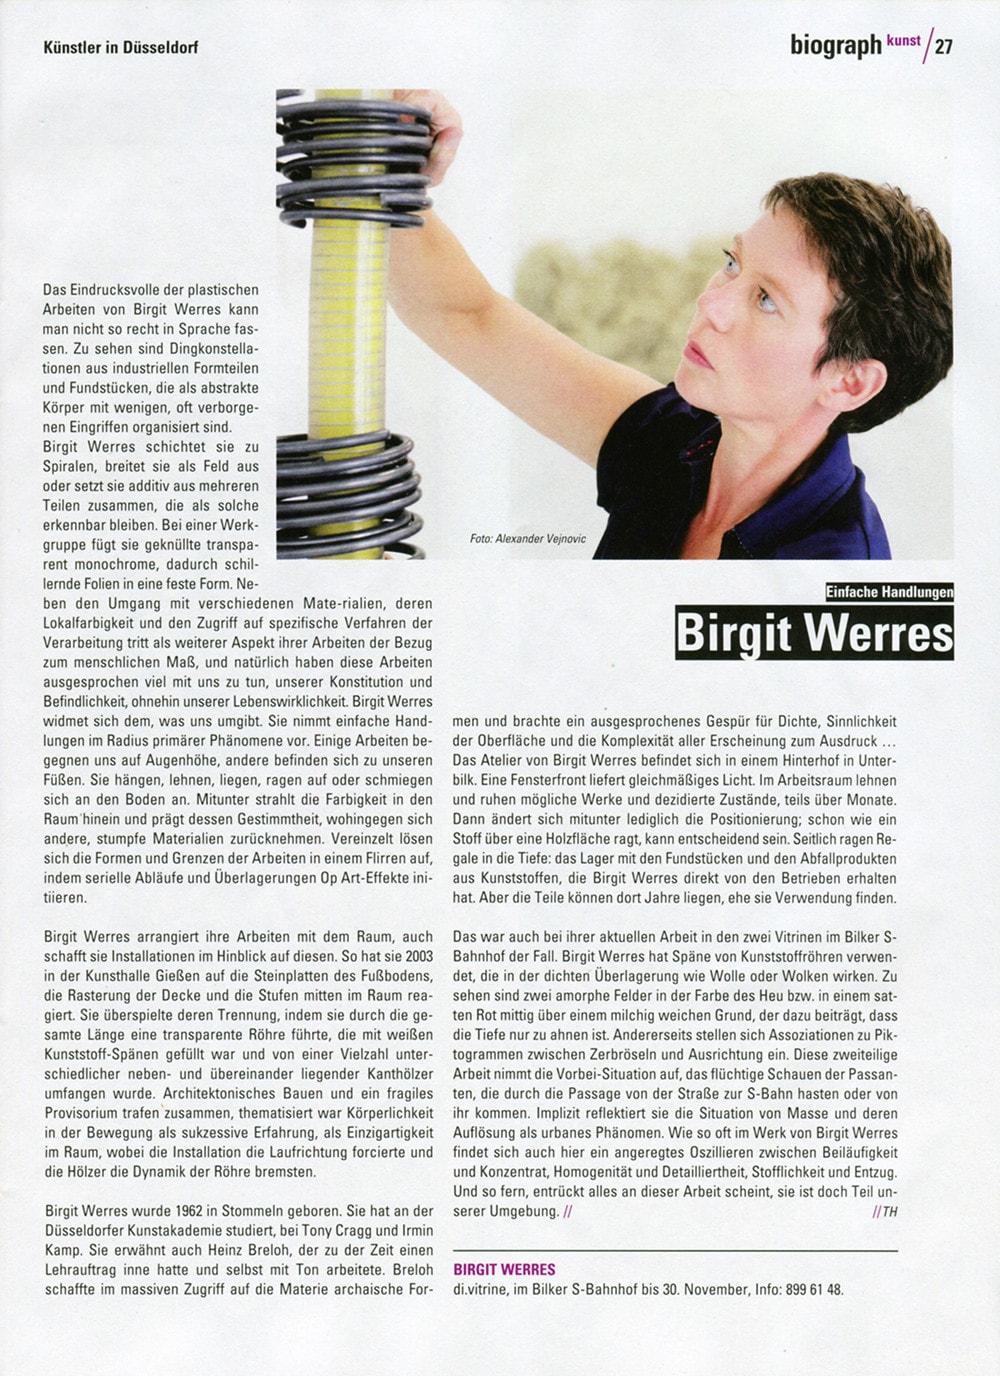 Künstlerportrait von Birgit Werres fotografiert vom Fotograf Alexander Vejnovic - erschienen im Biograph, Düsseldorf